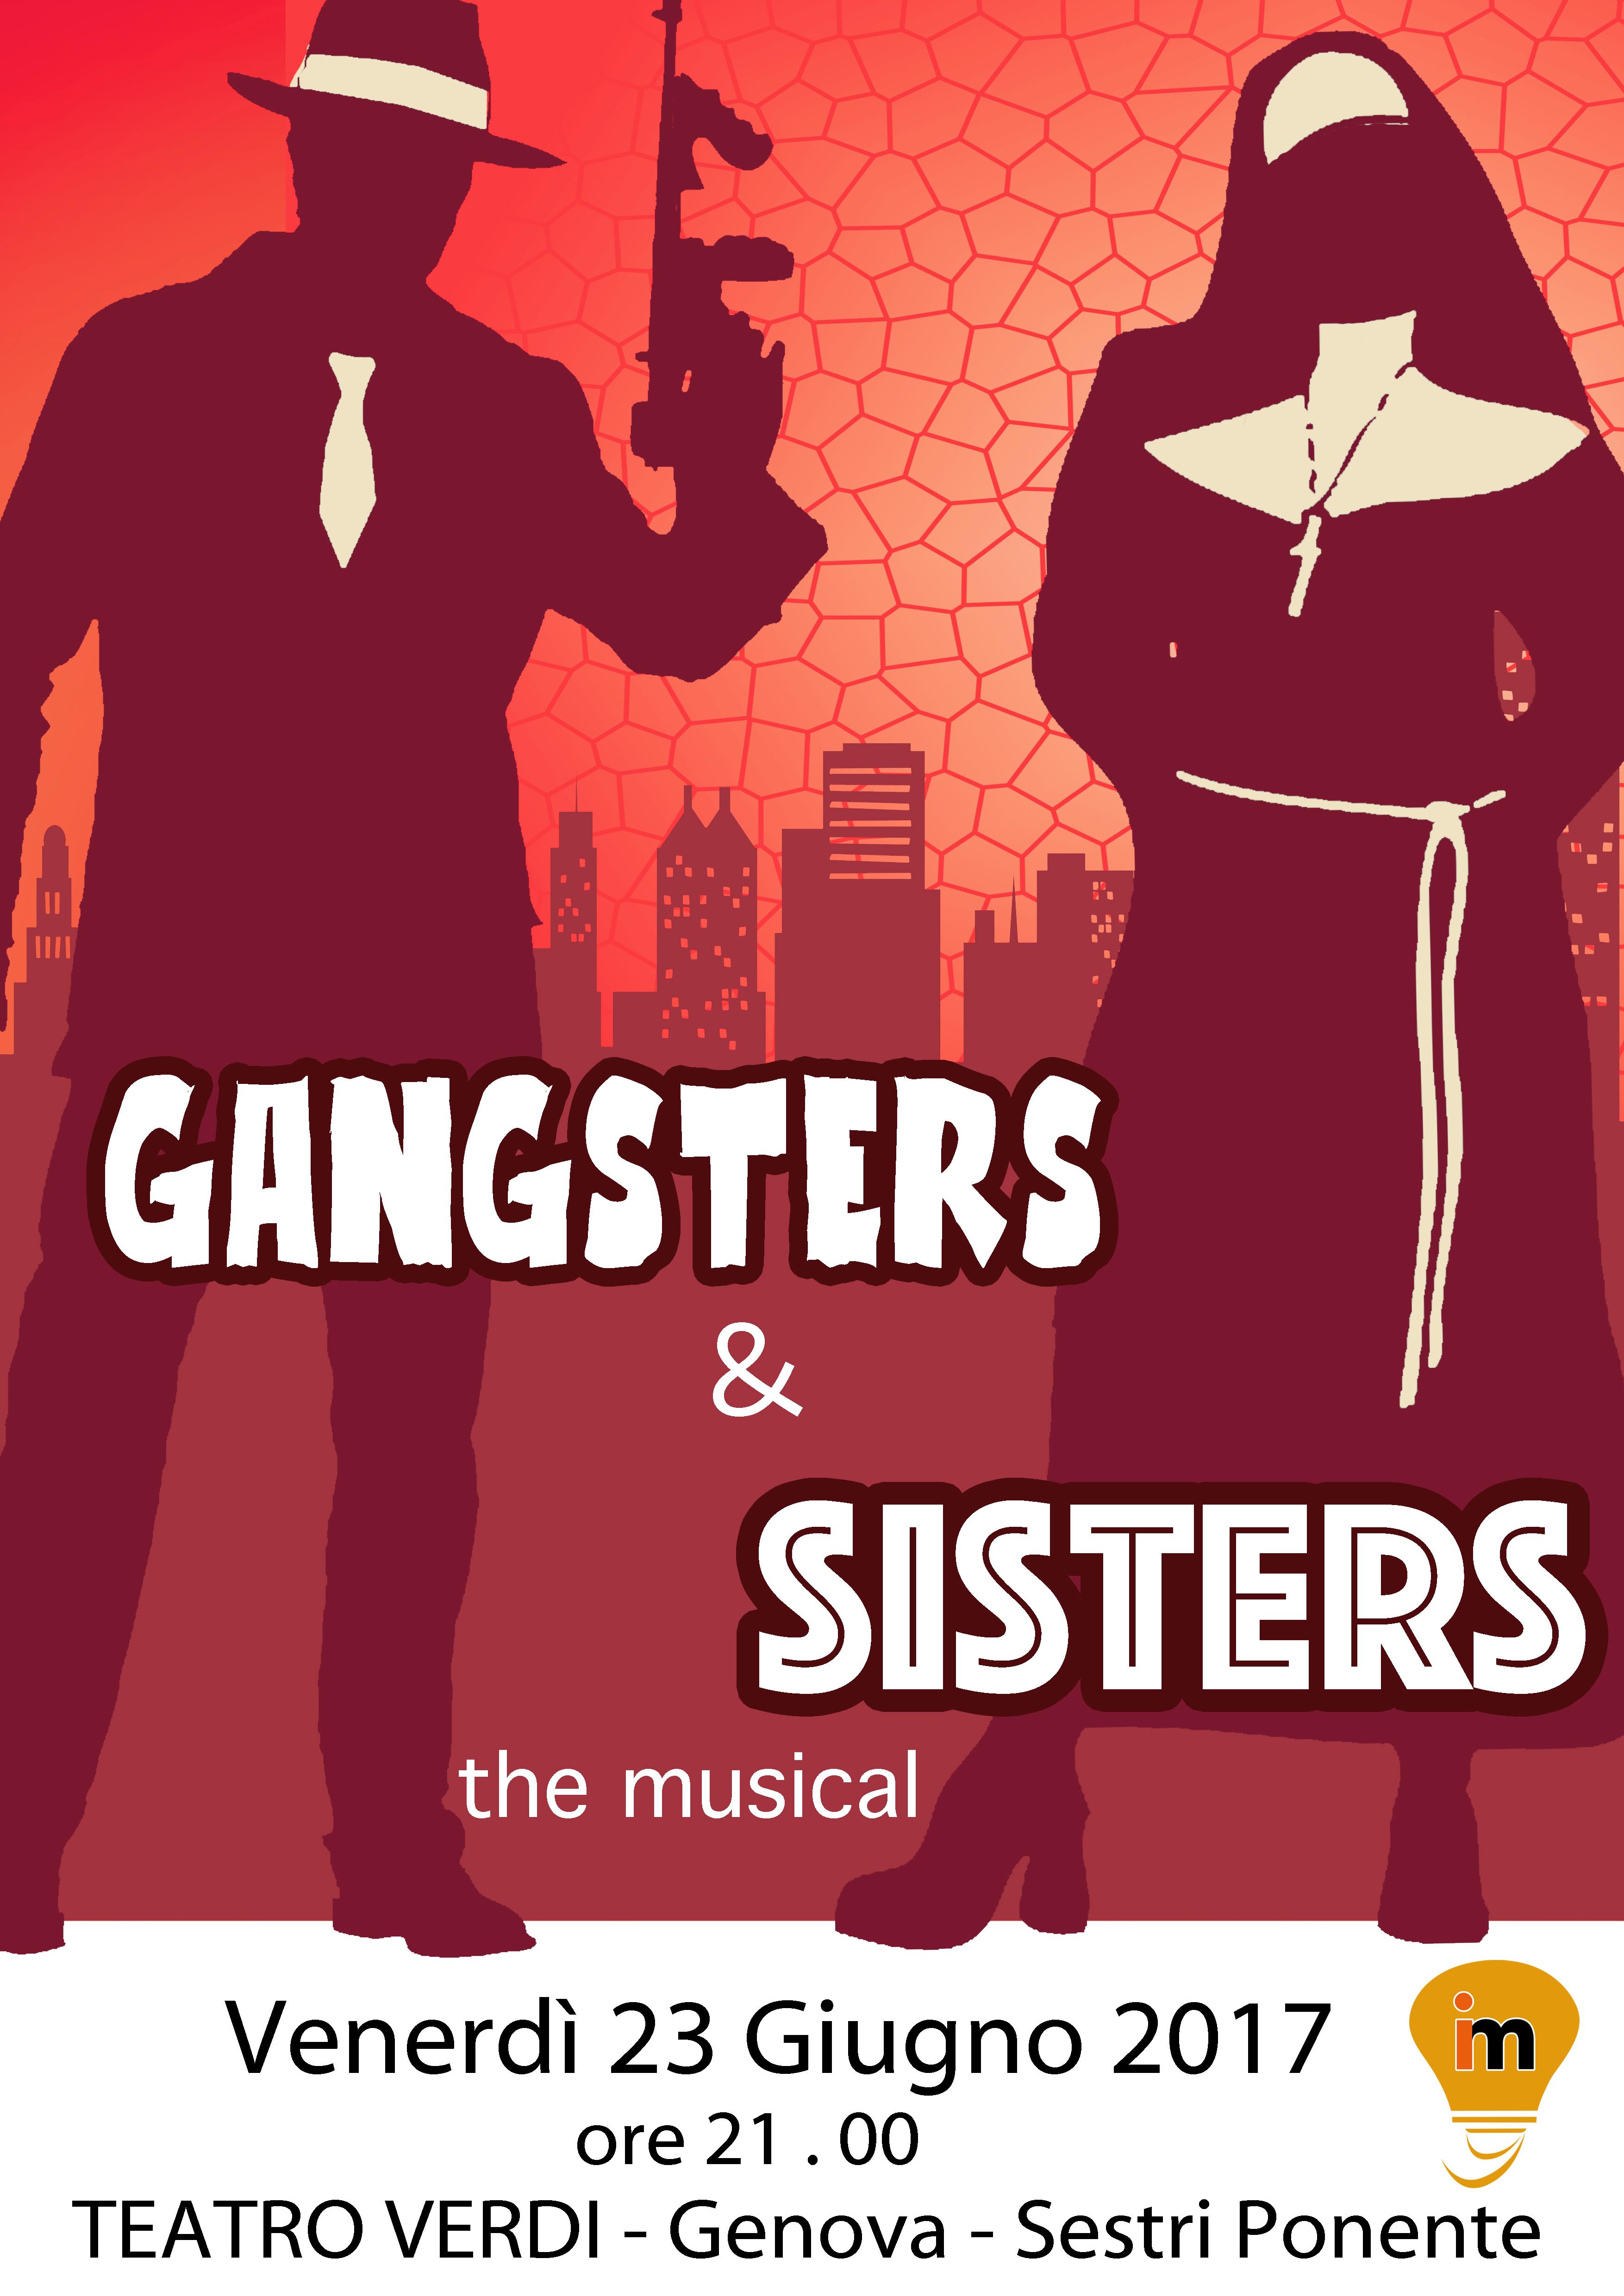 gangster & sisters